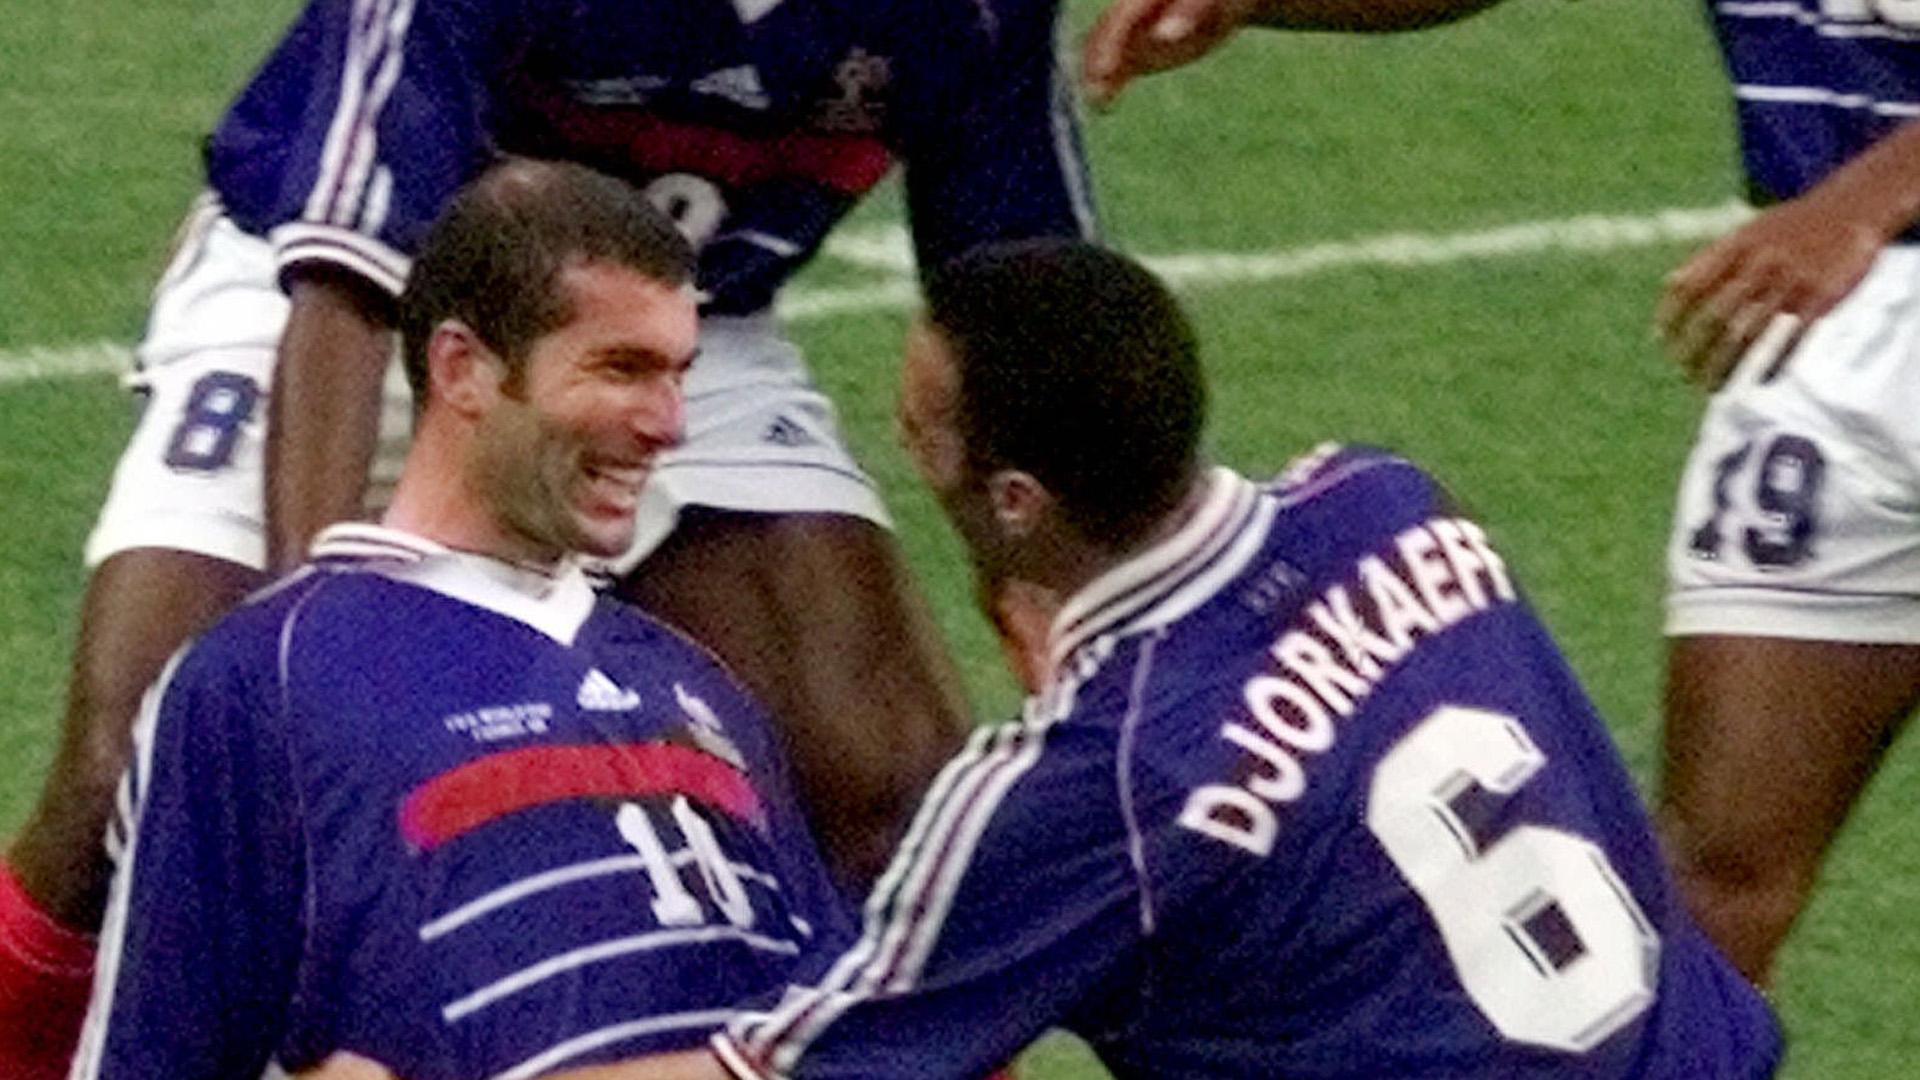 Zinedine-Zidane-FTR-032514.jpg